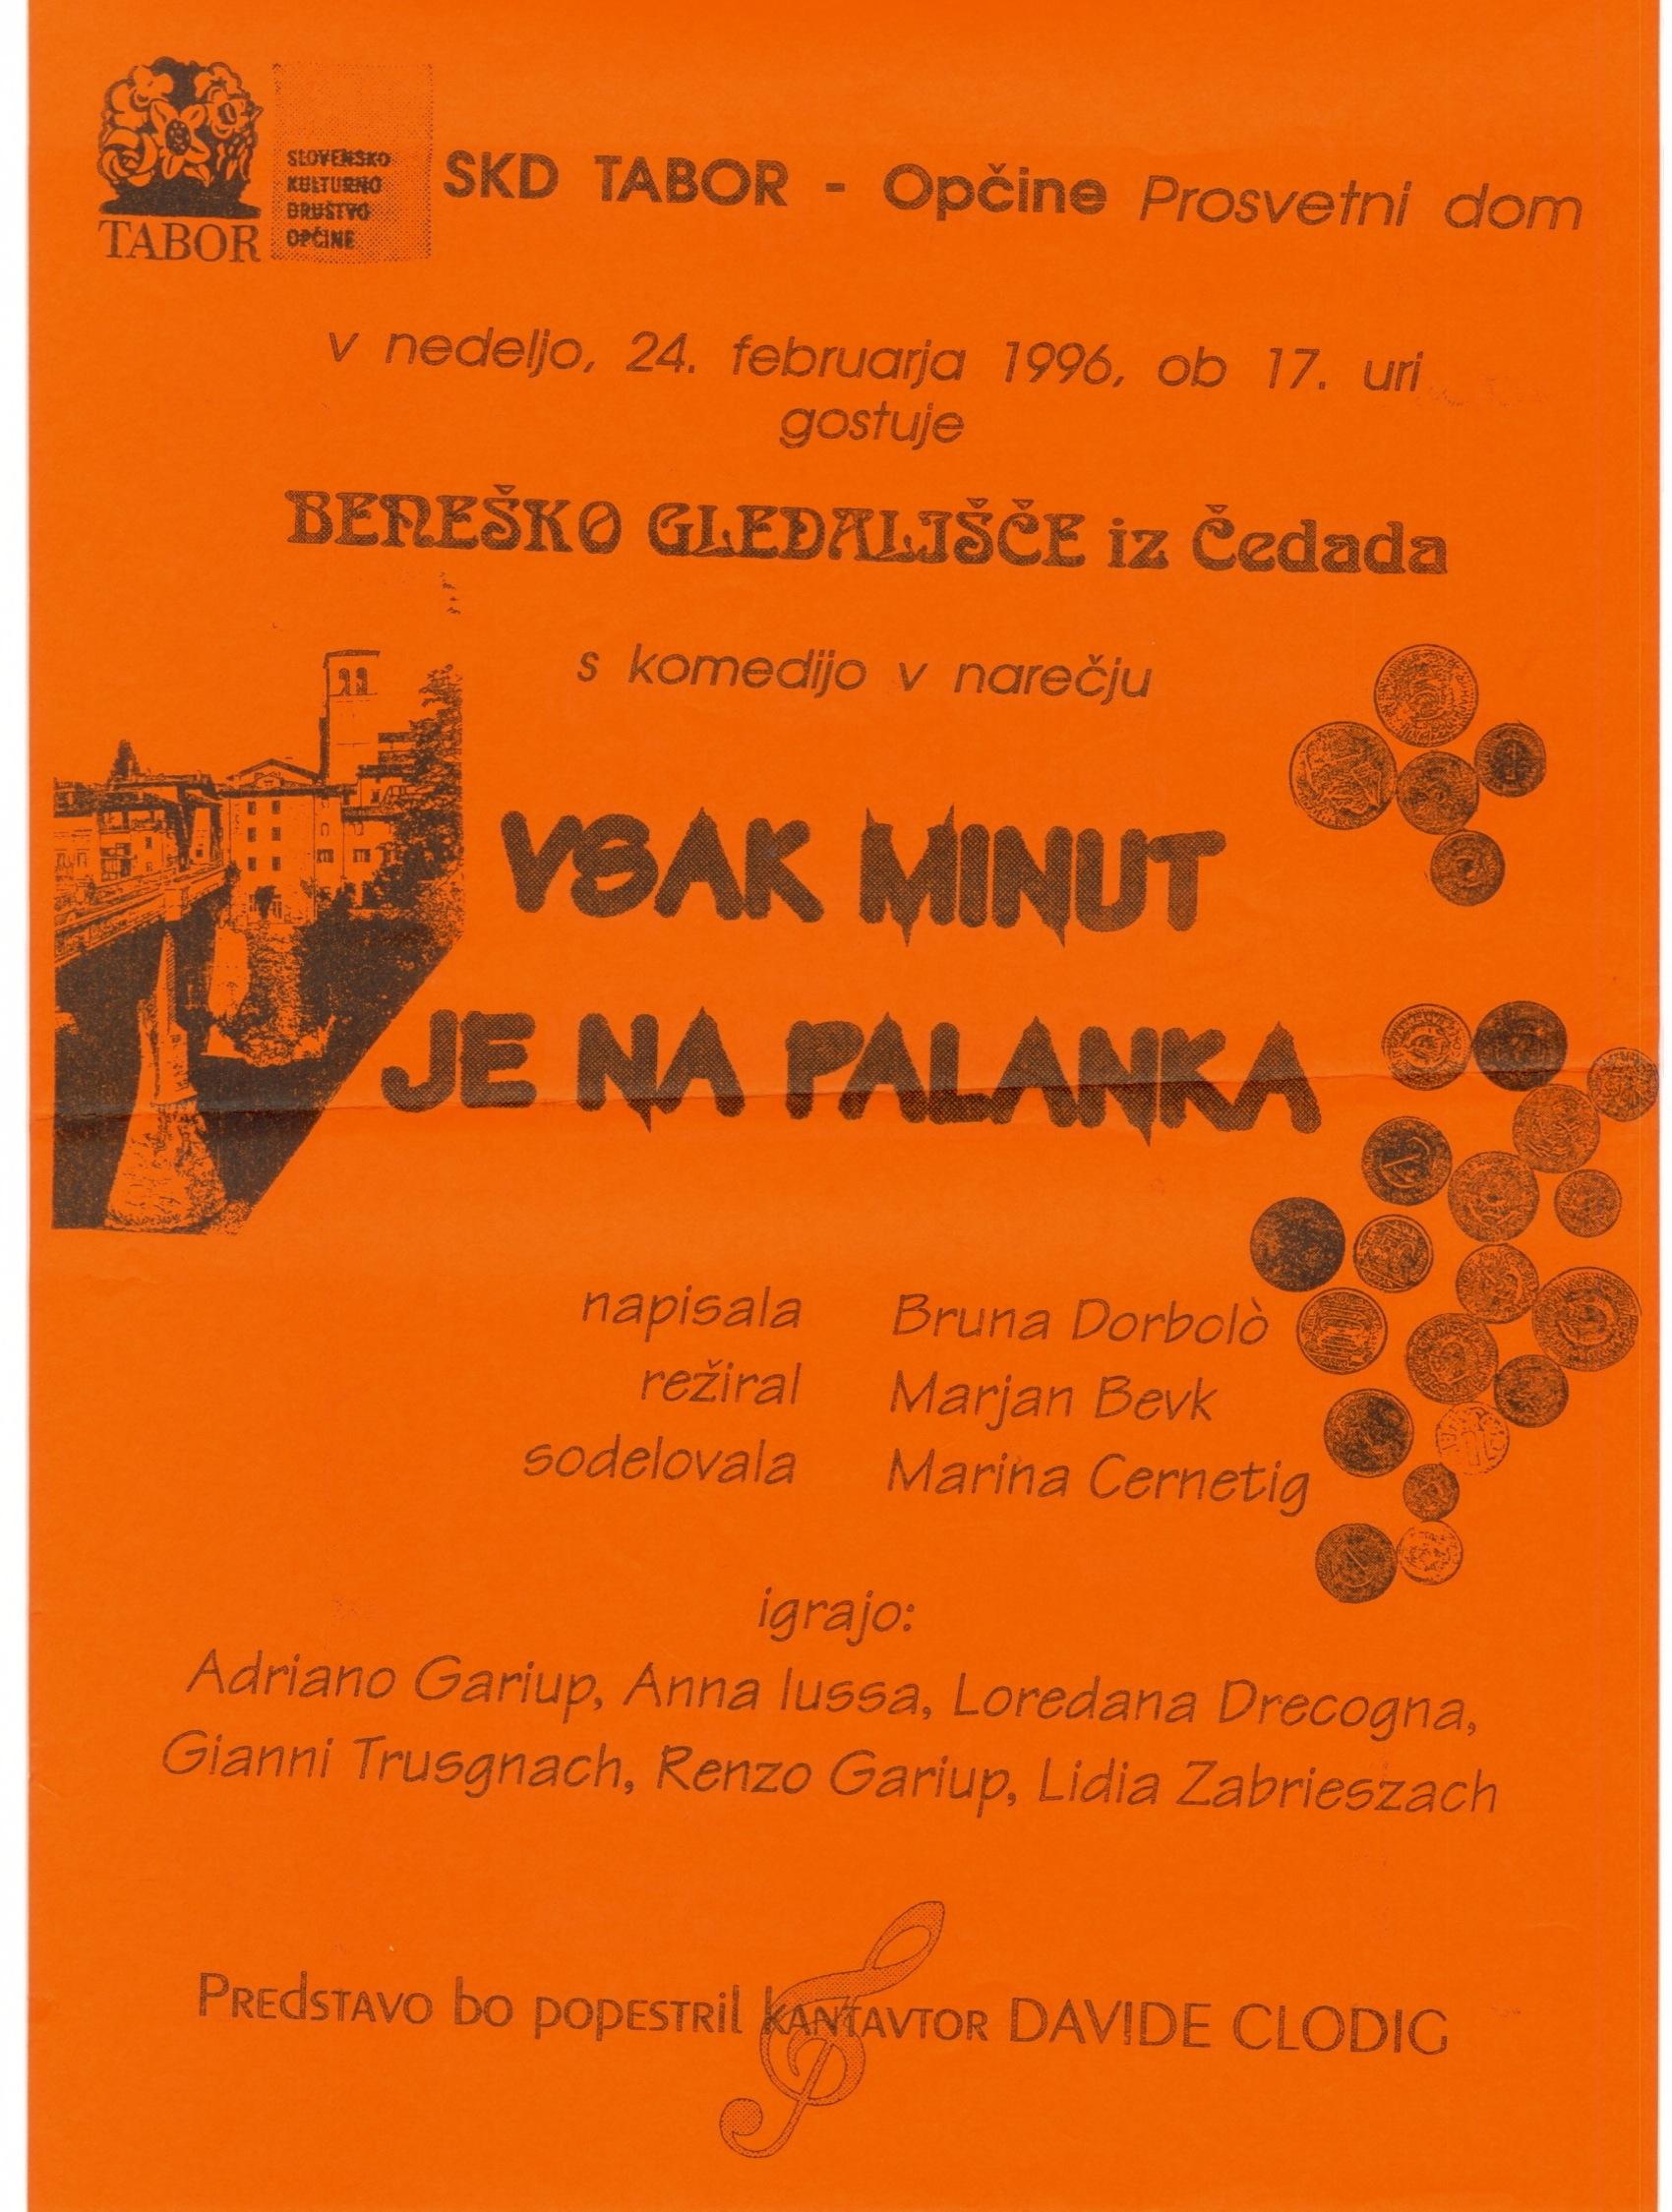 1996 - Vsak minut je na palanka - Foglio sala Opčina